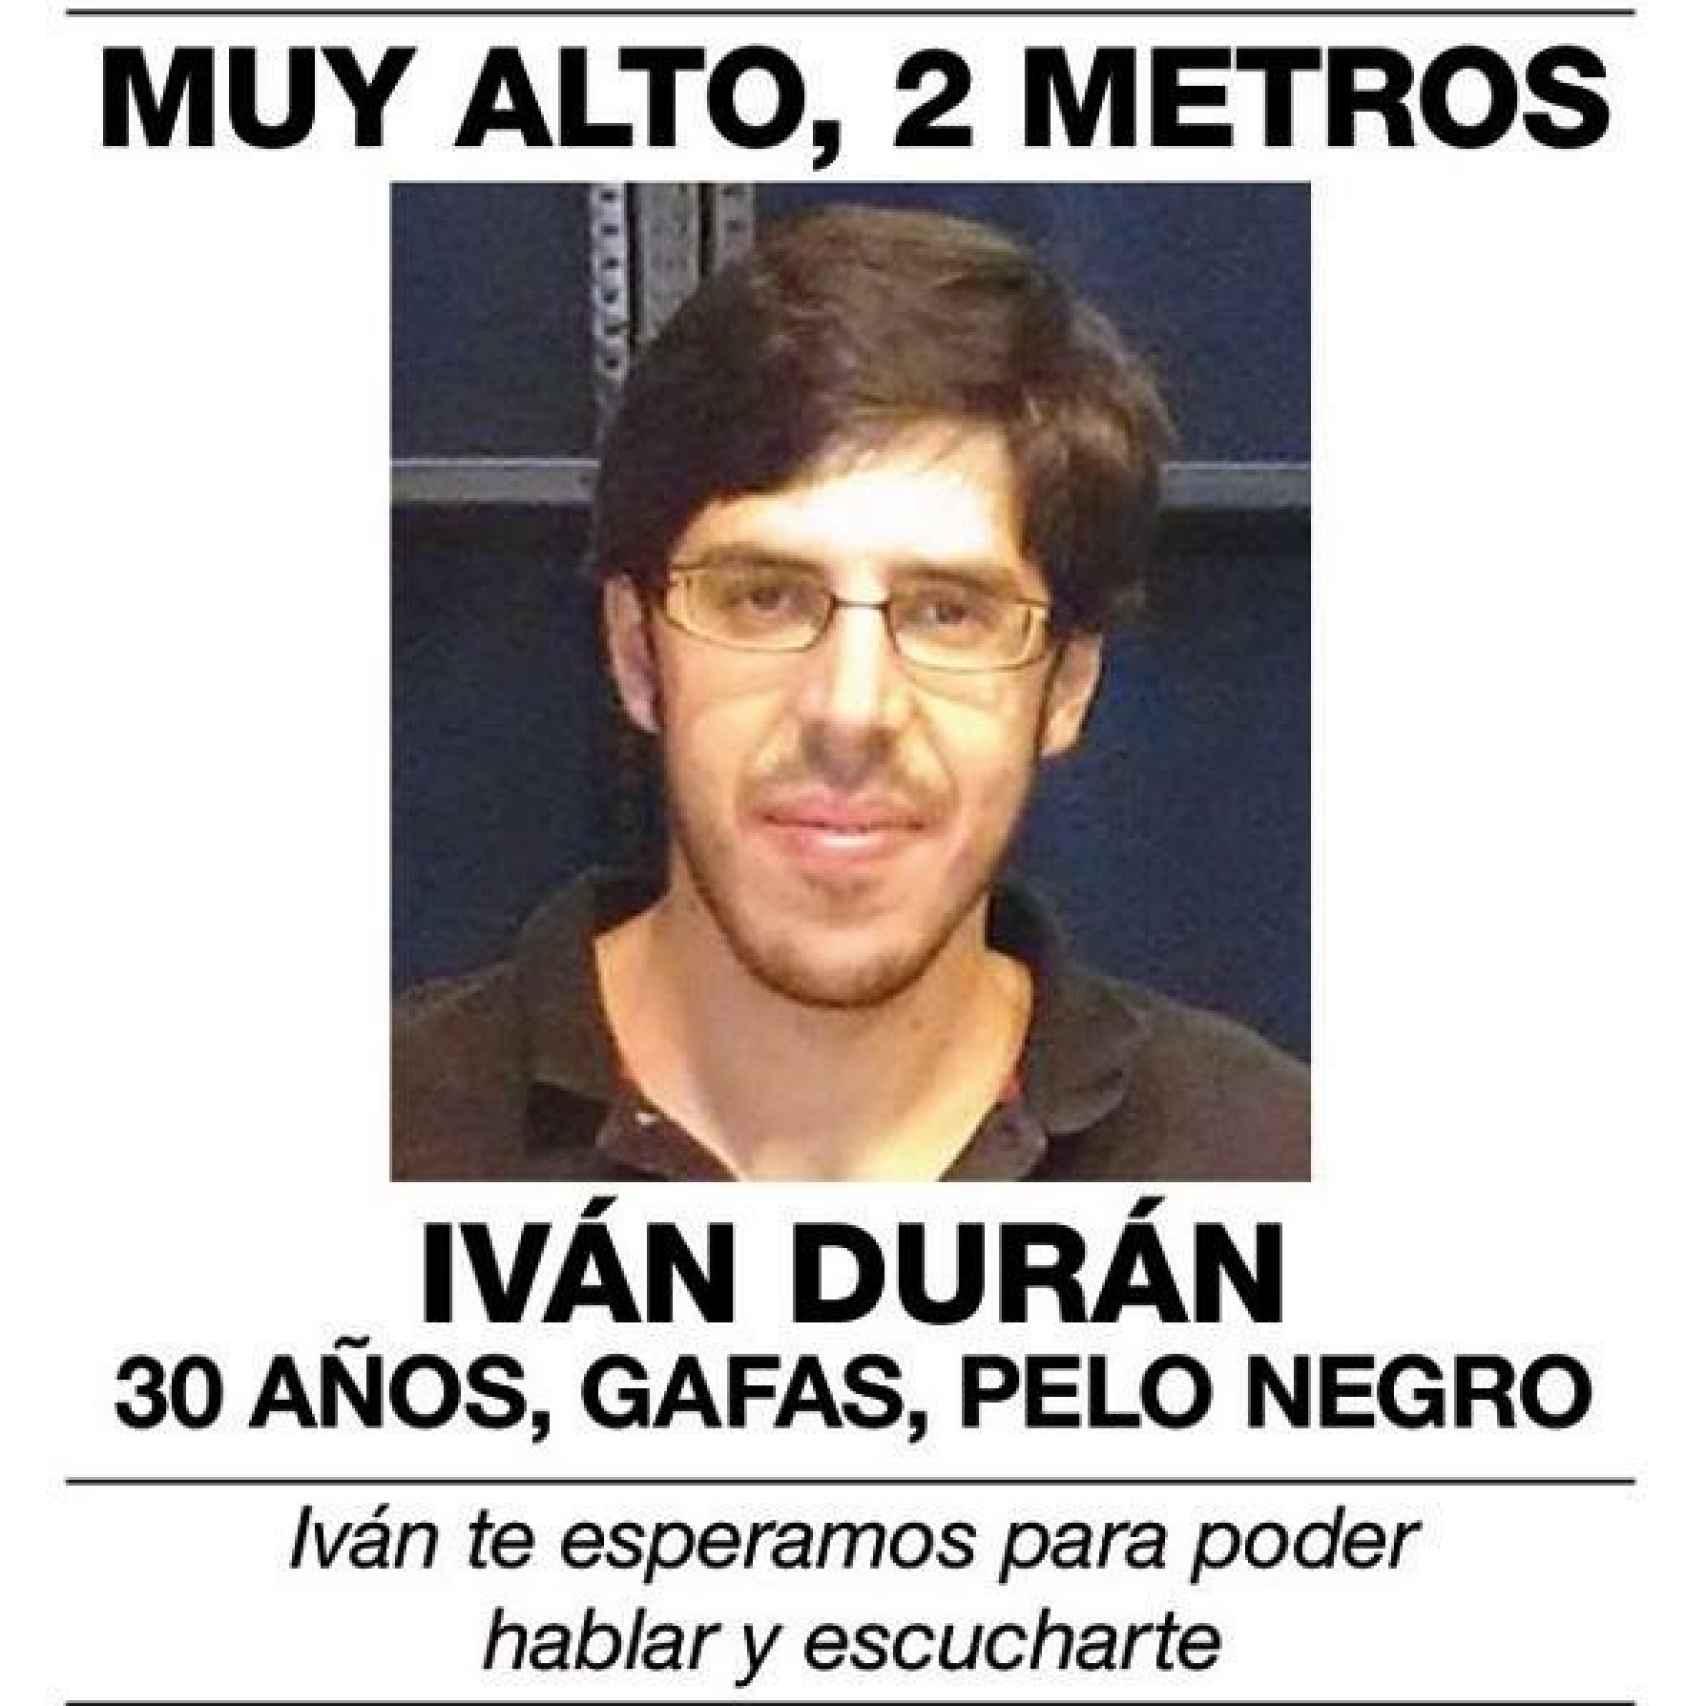 Iván tiene treinta años y es natural de Vigo. Residía en Baiona con sus padres hasta su huida